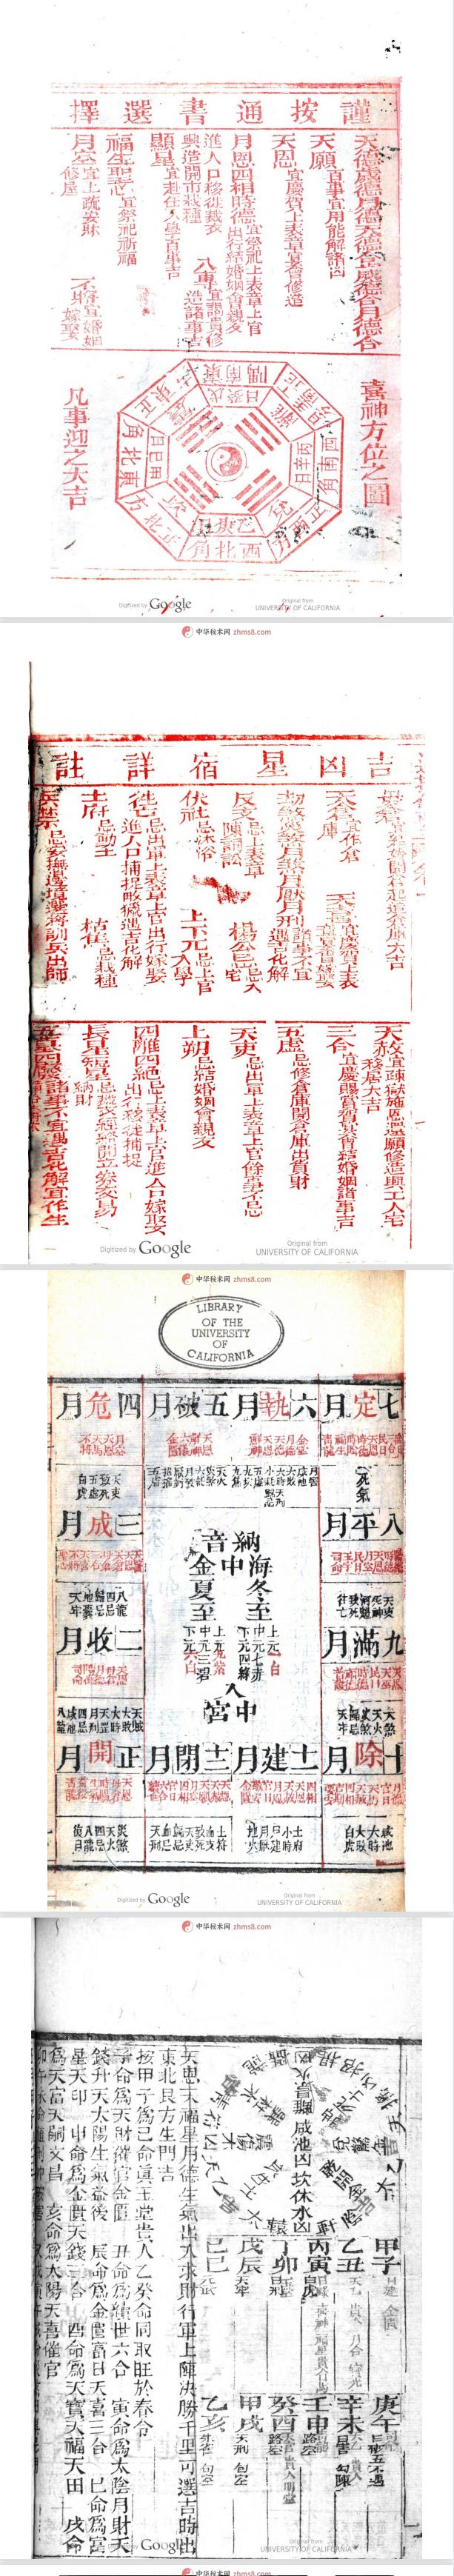 《参星秘要诹吉便览》附宝镜图pdf电子版[术藏第92卷]